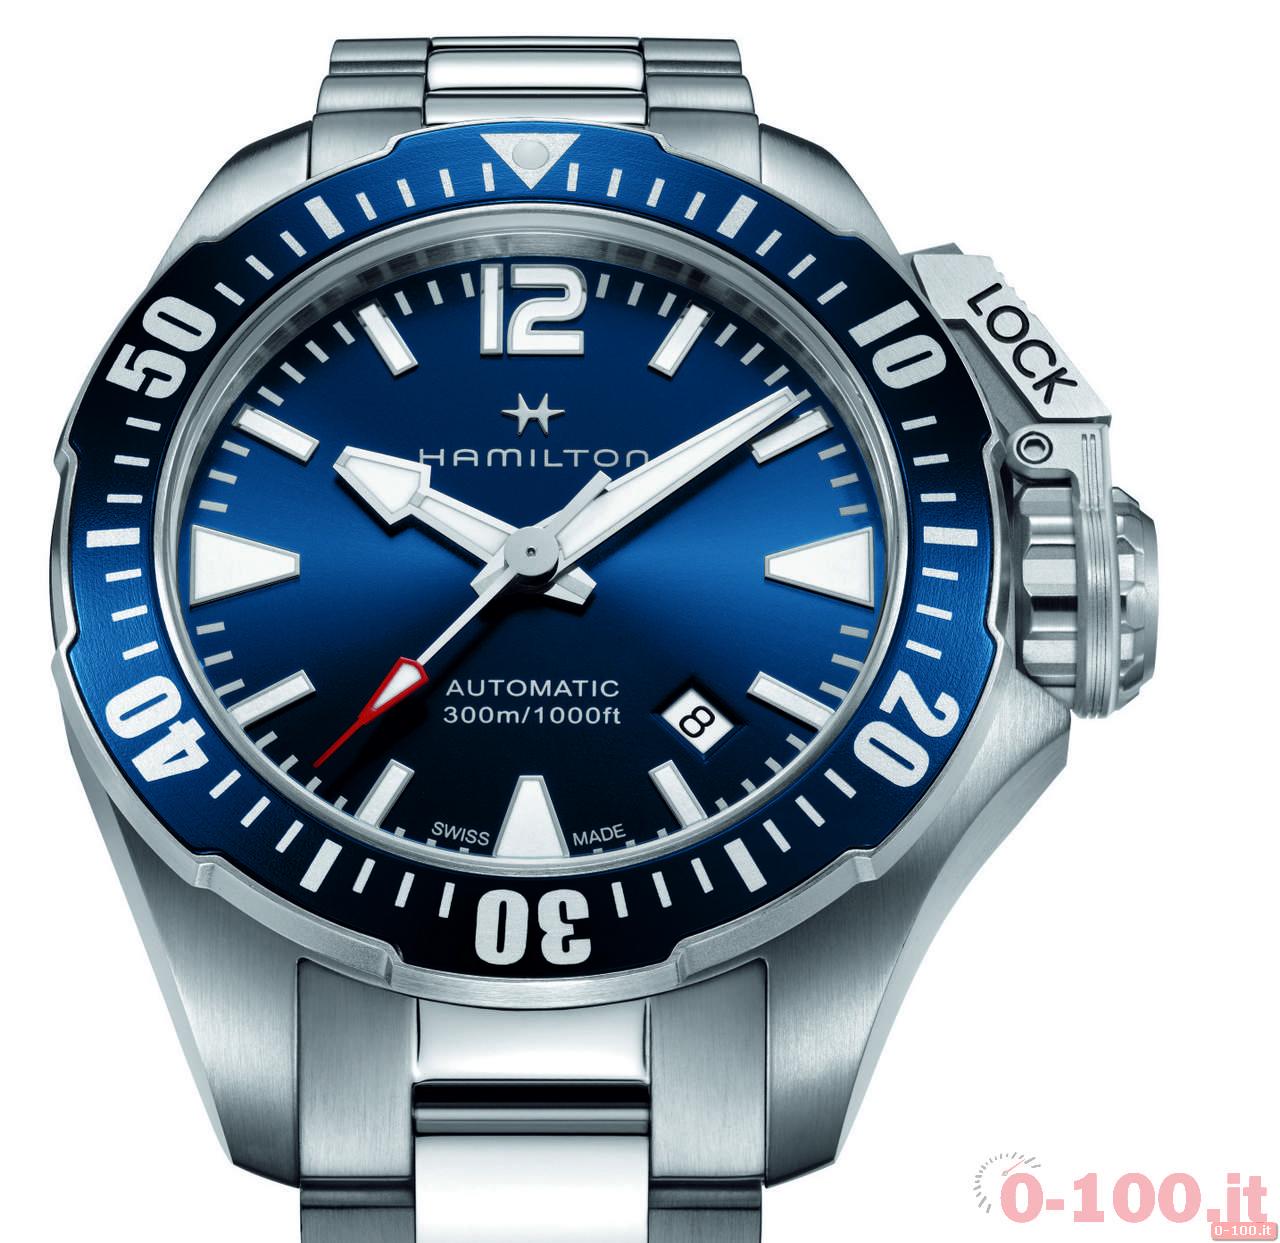 anteprima-baselworld-2016-hamilton-khaki-navy-frogman-prezzo-price_0-1005